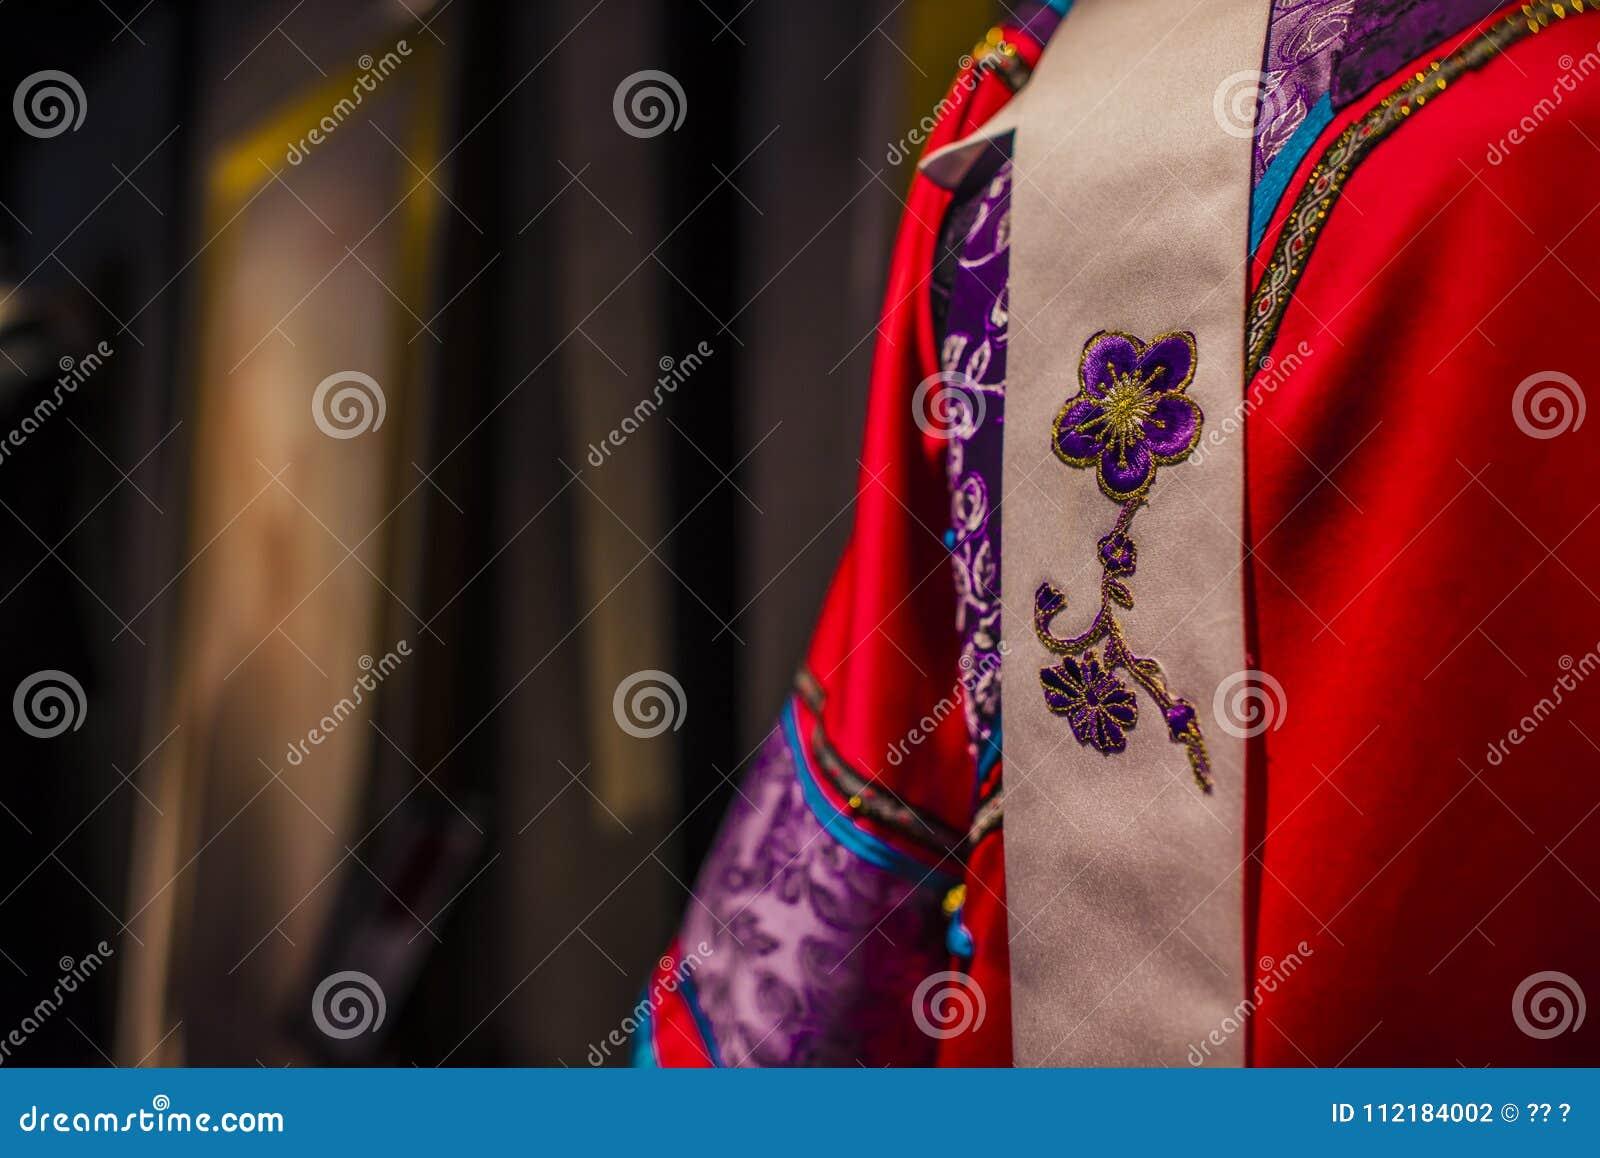 Suzhou tsu silk qipao.